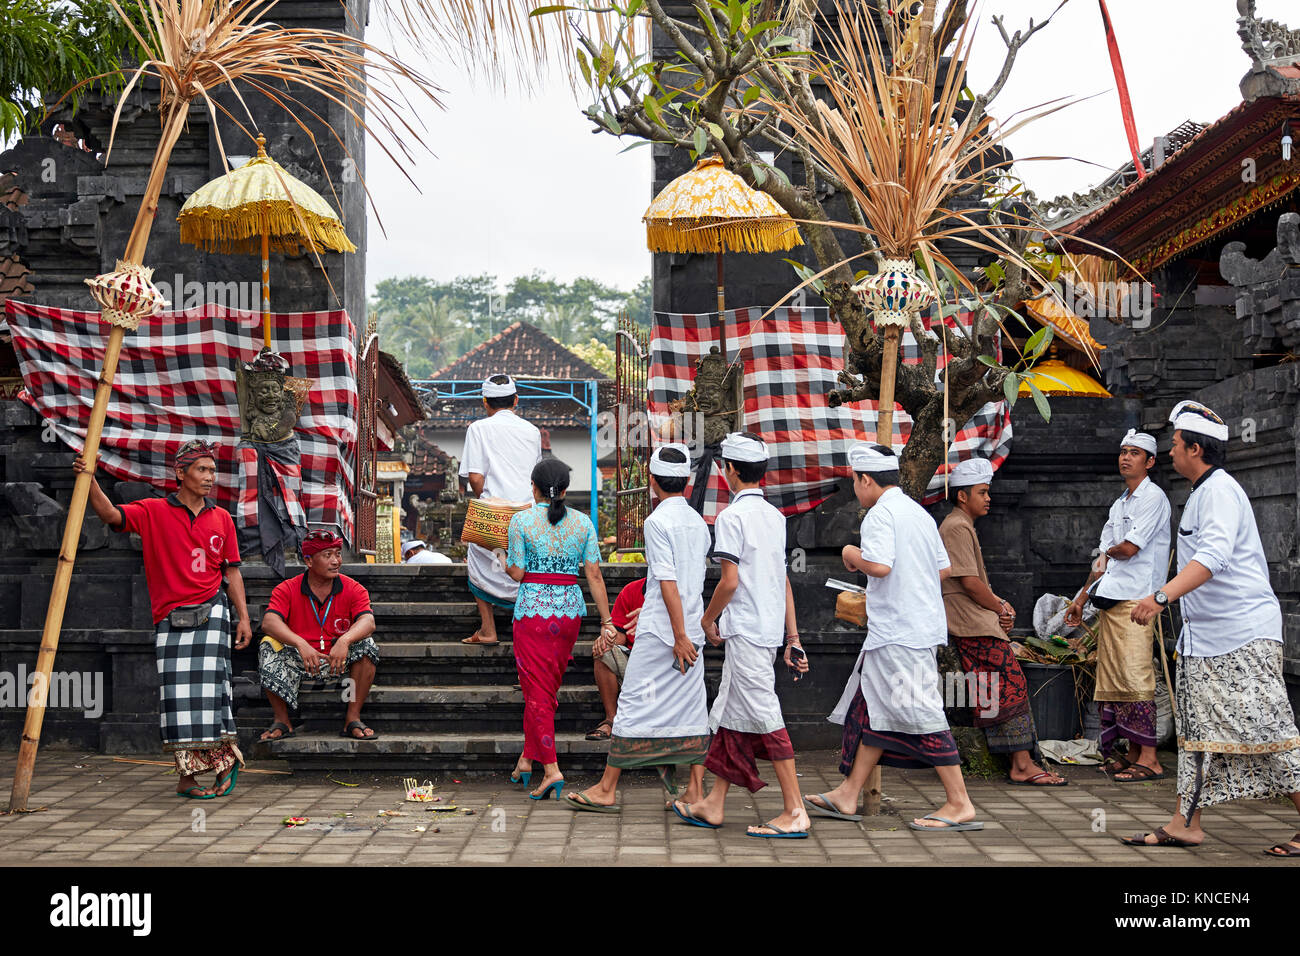 Bali indonesien frauen suchen männer